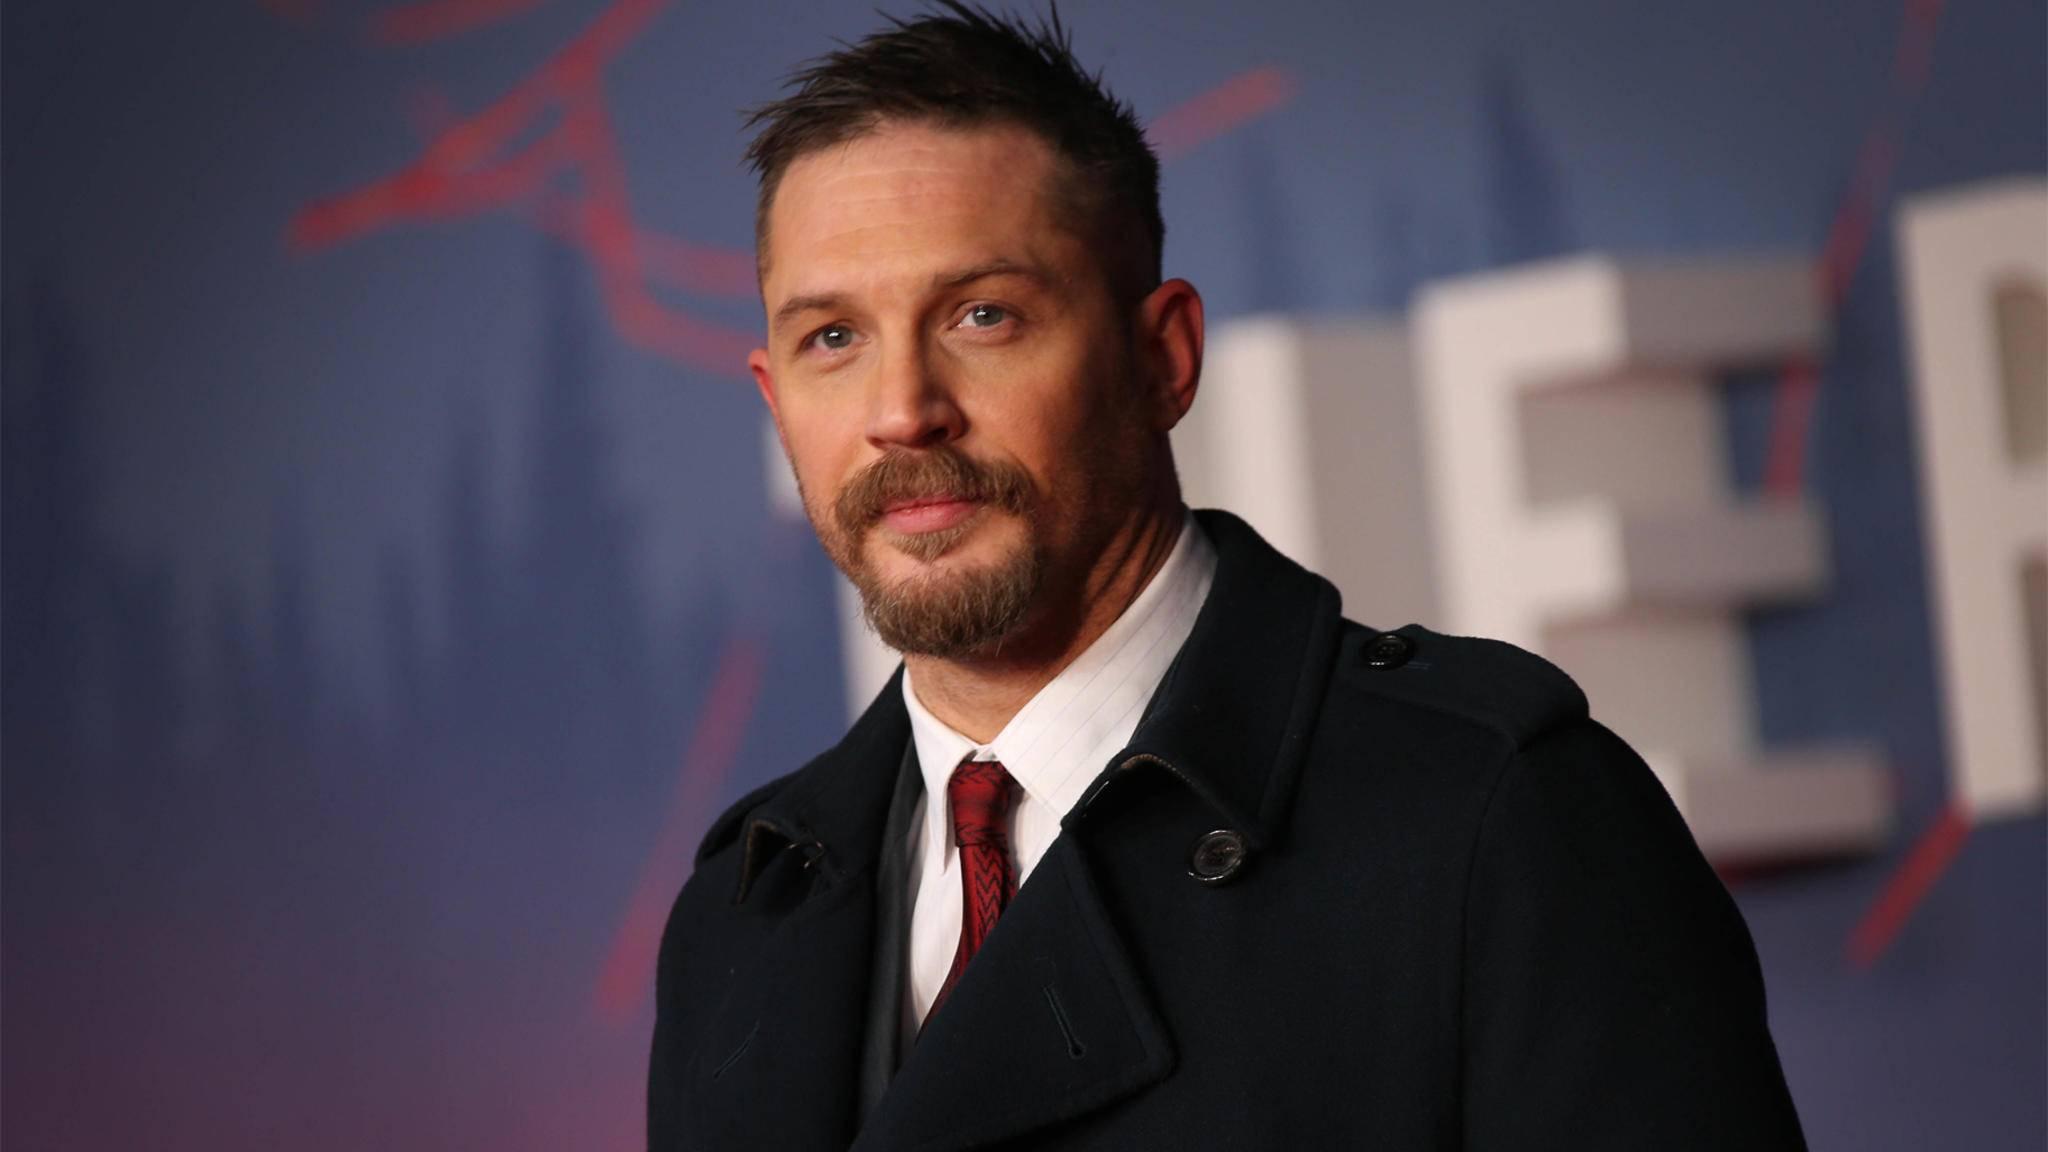 """Auch Tom Hardy fuhr für seine Performance in """"The Revenant"""" eine Oscarnominierung ein."""